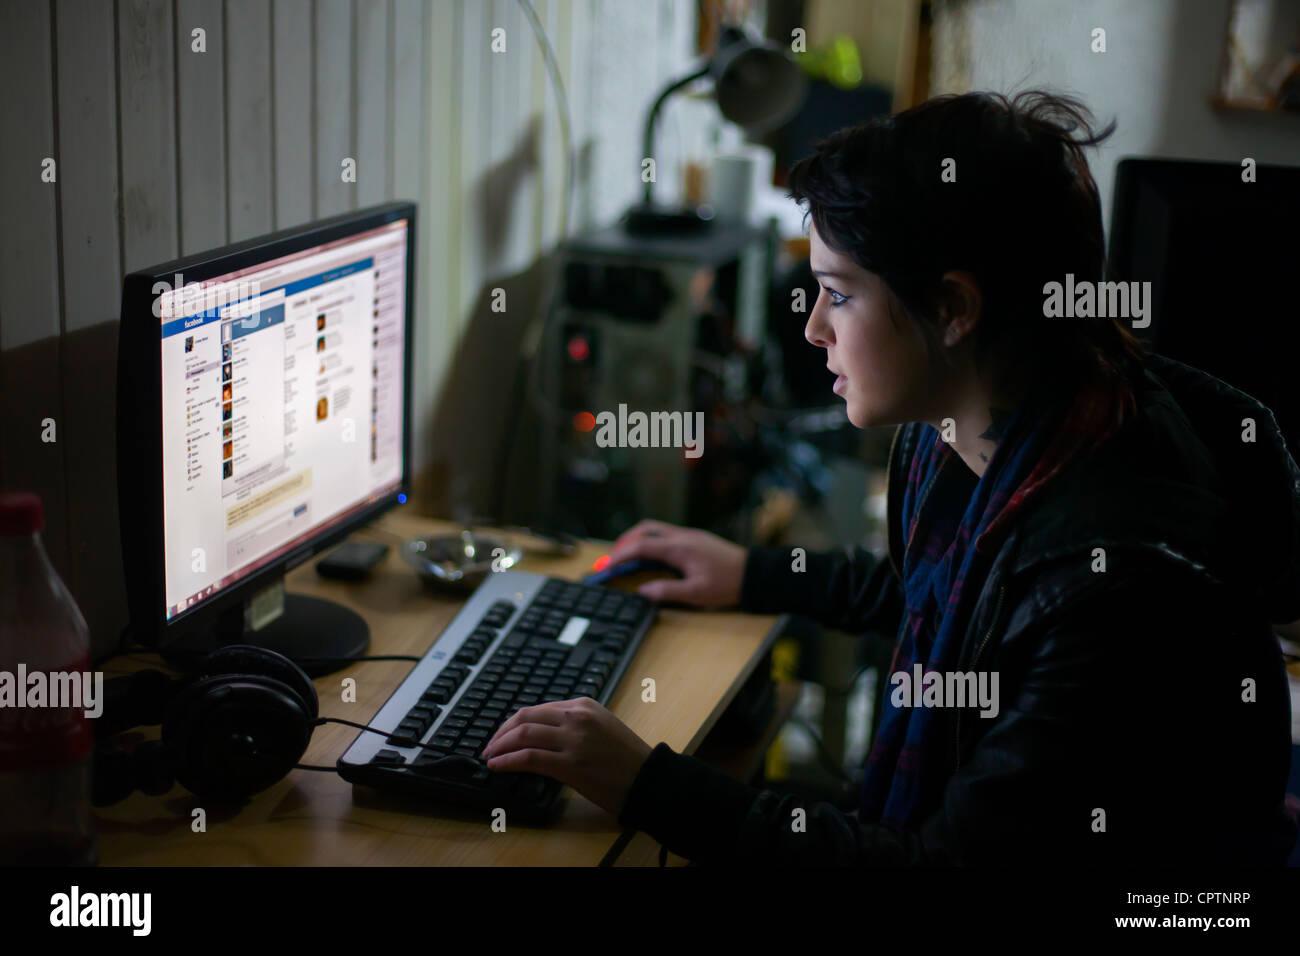 Jeune femme contrôle son facebook sur l'ordinateur. Photo Stock